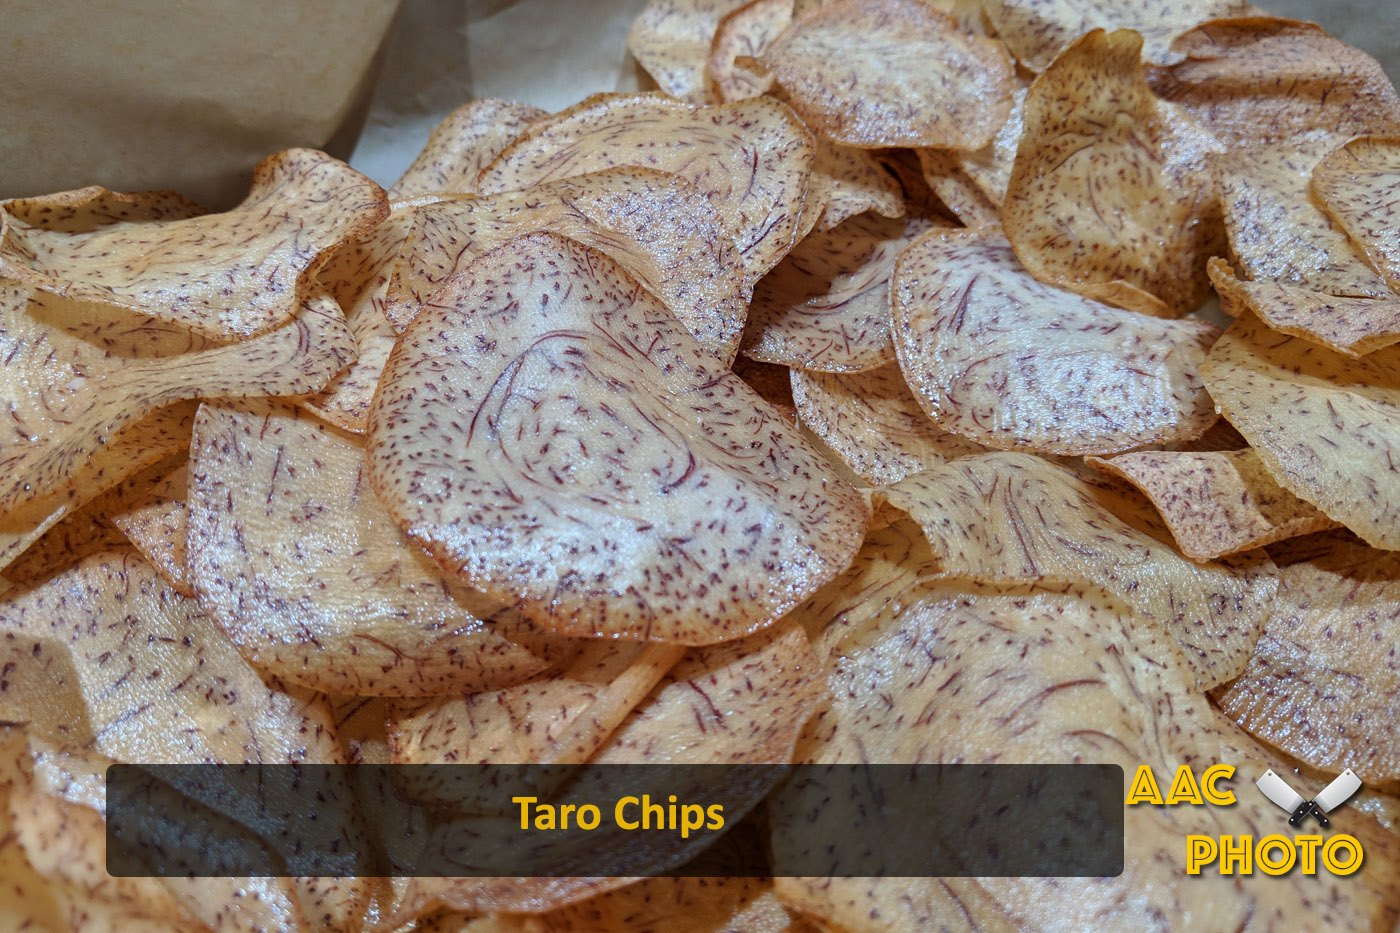 Taro Chips